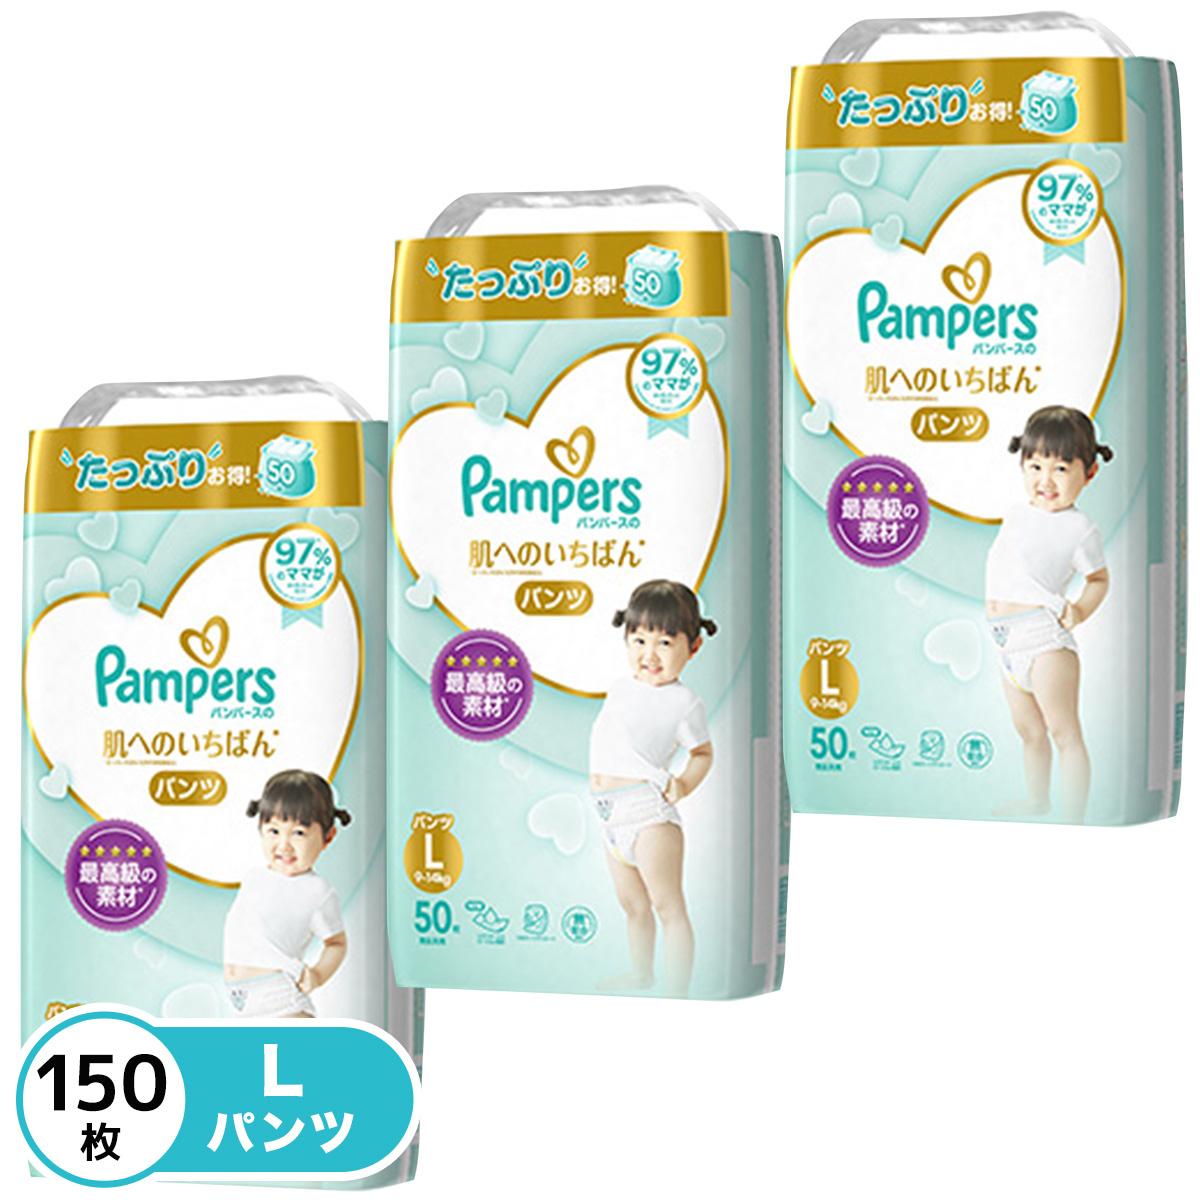 P&G パンパース パンツ 肌へのいちばん L(9-14kg)50枚×3パック